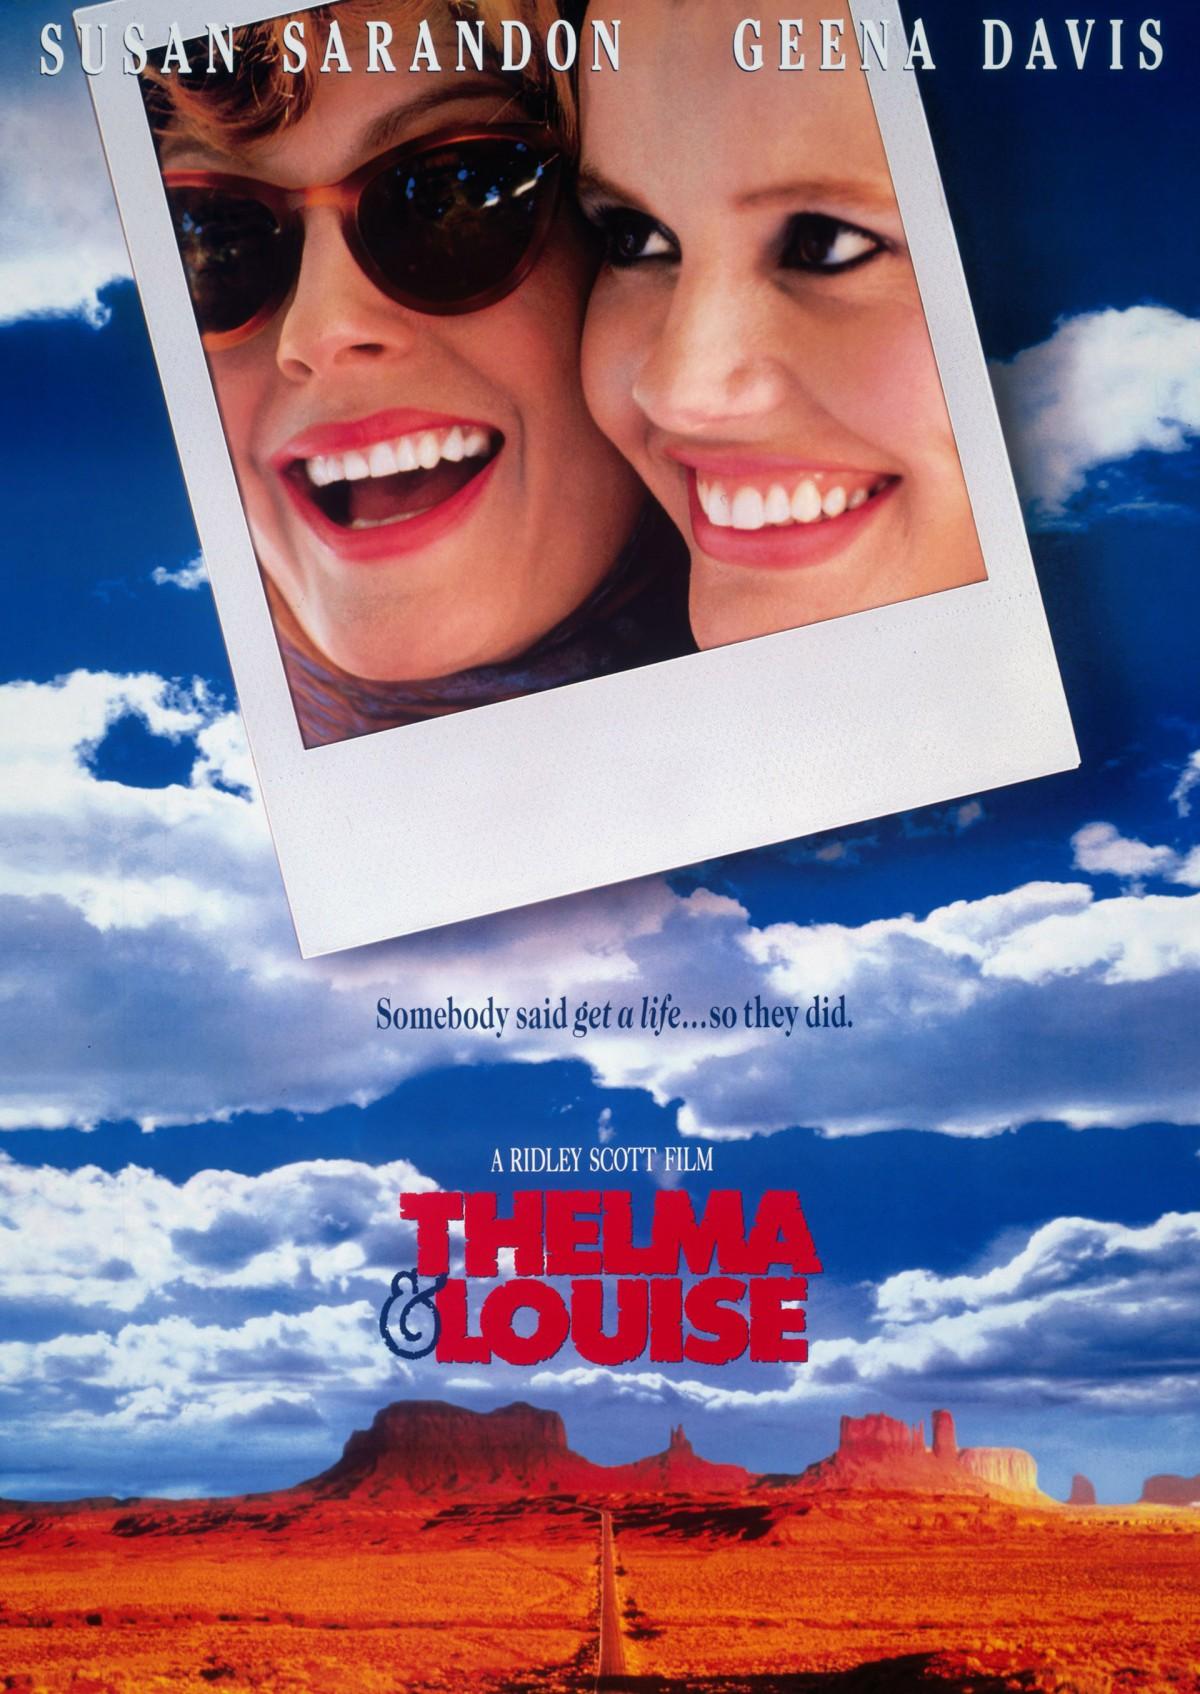 100. Thelma & Louise (1991)